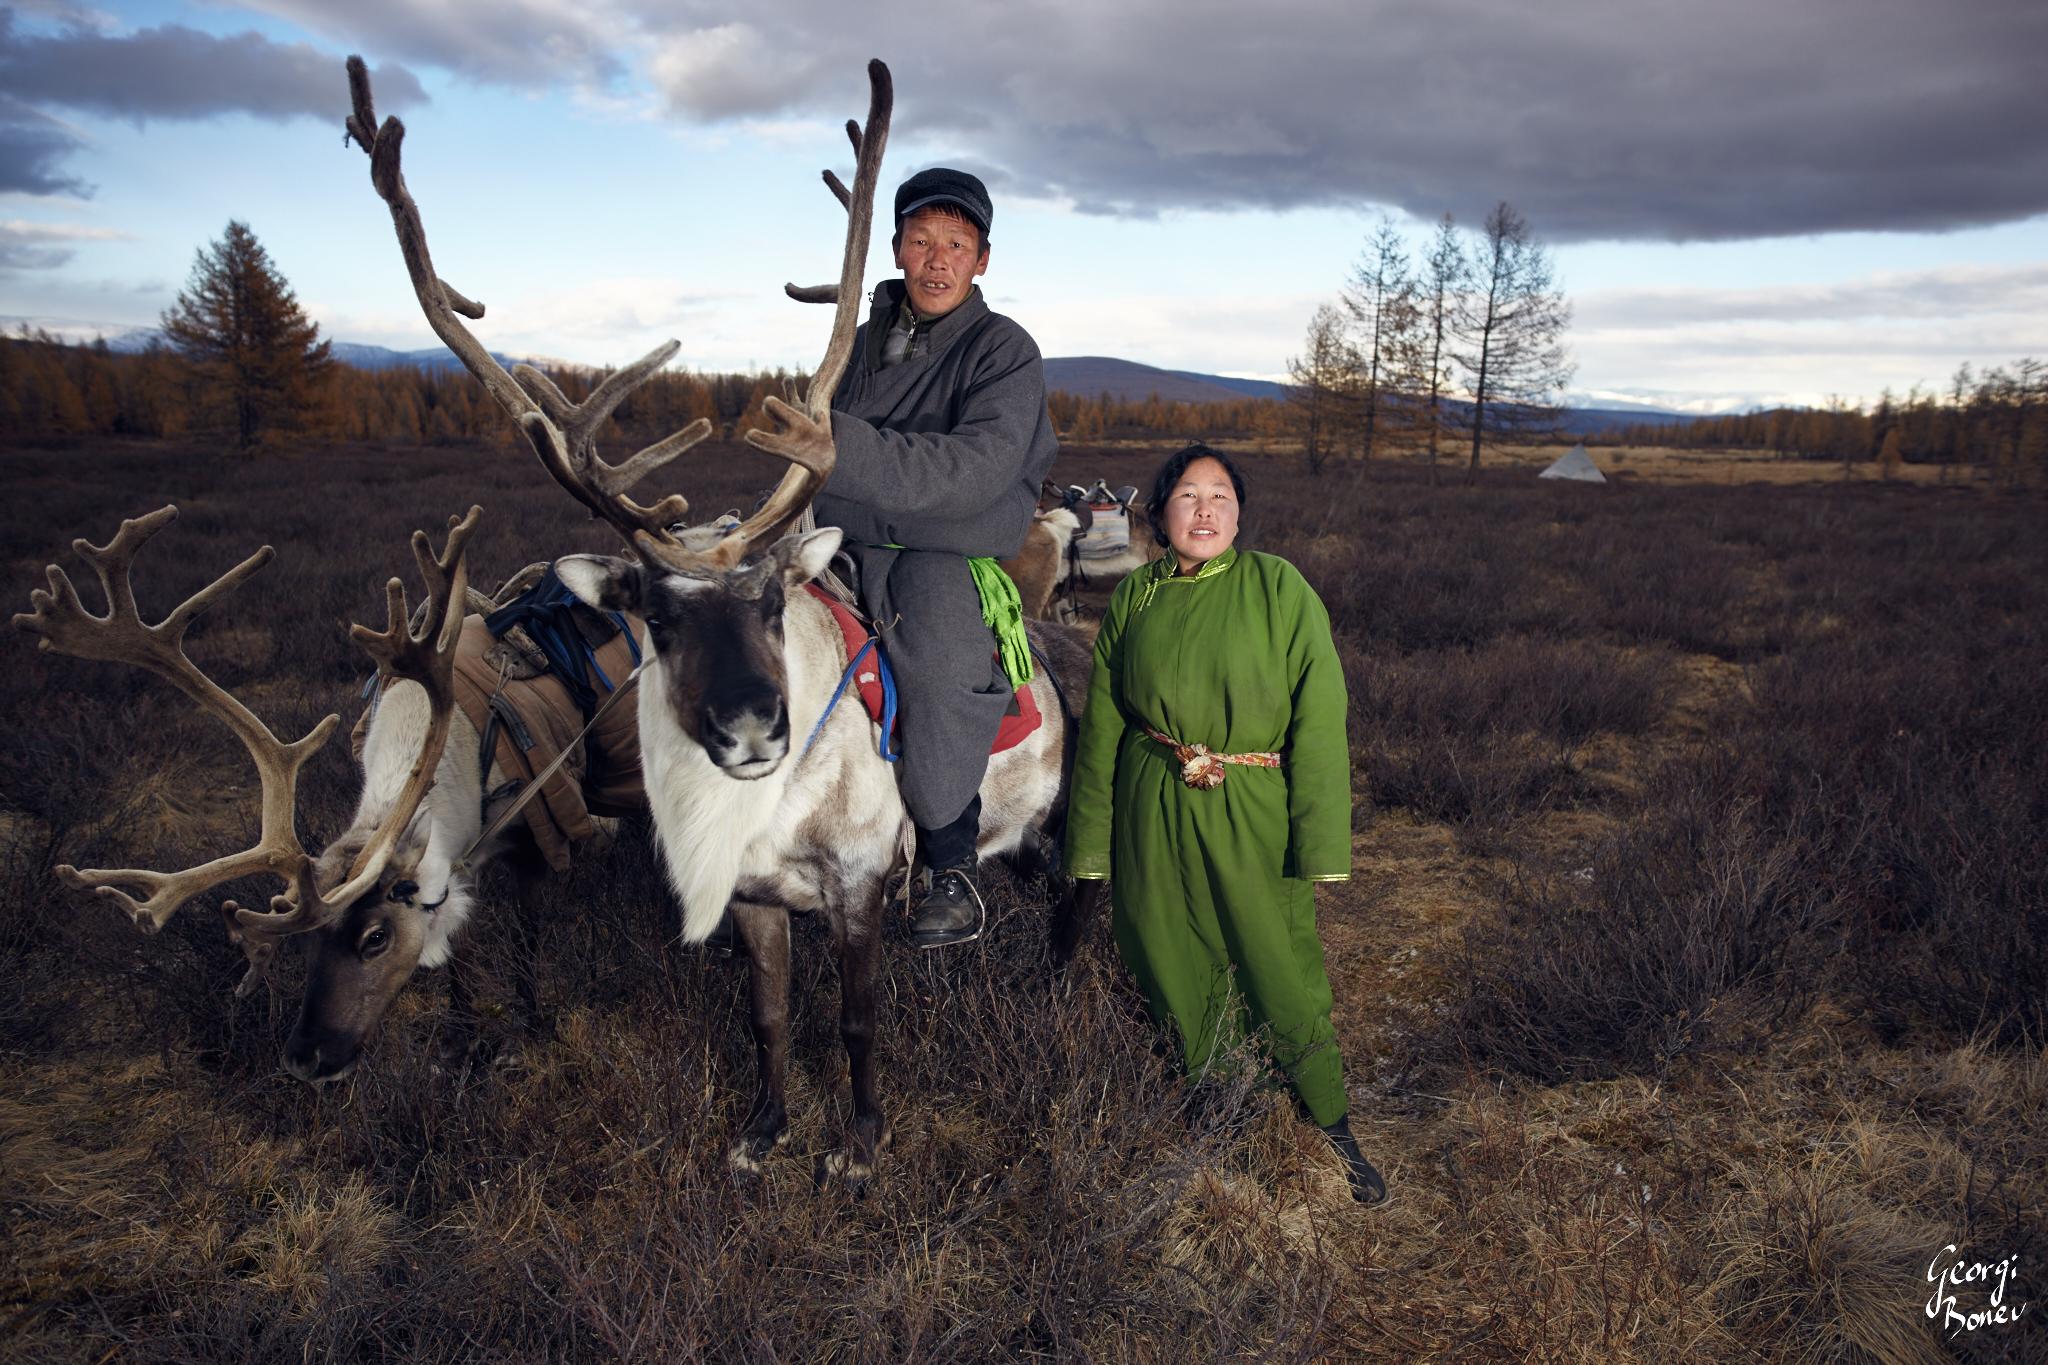 MANHA & HER UNCLE, TSAATAN PEOPLE, MONGOLIA